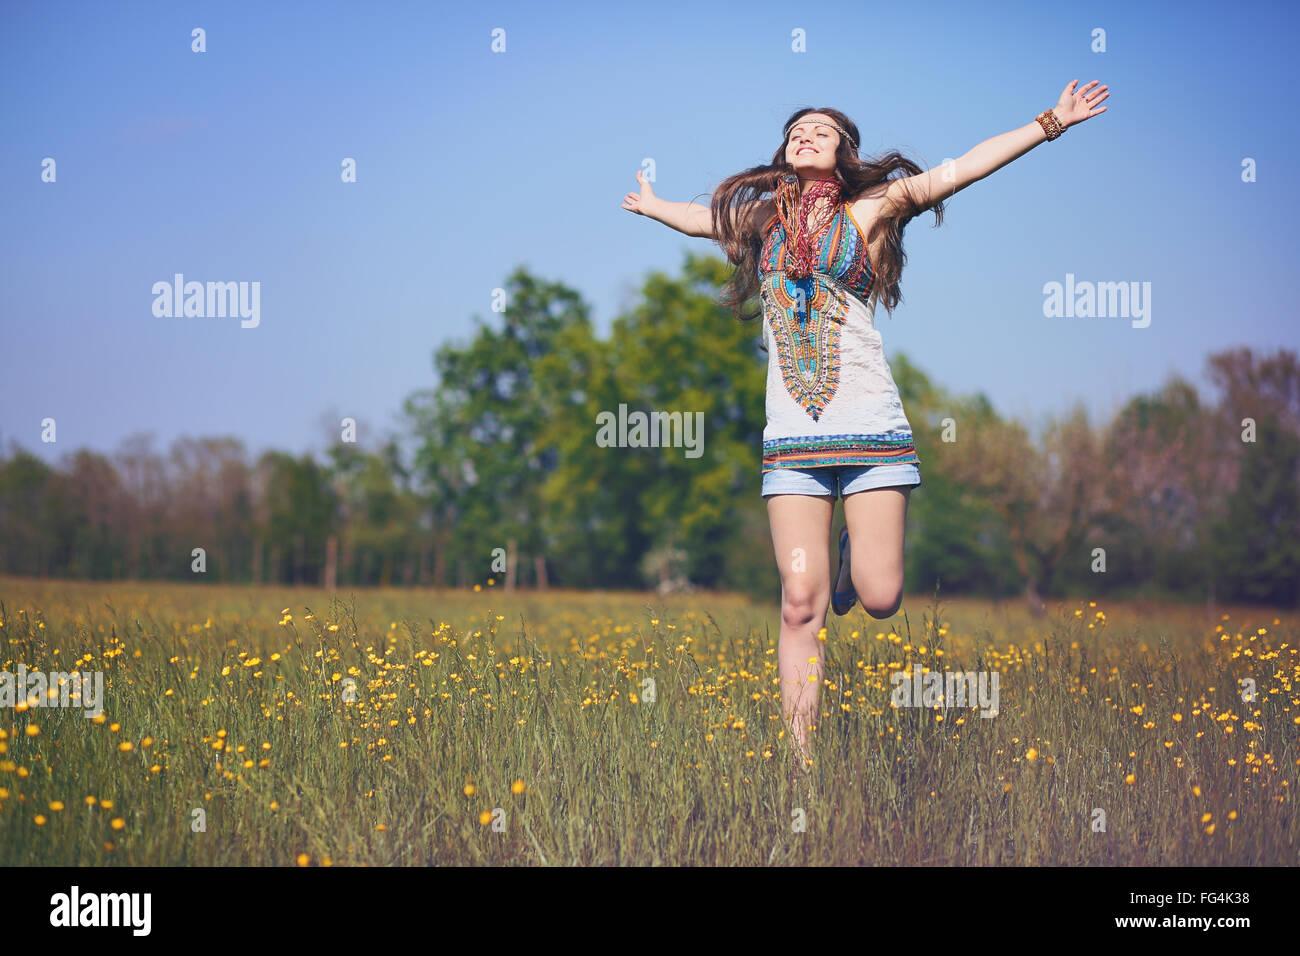 Glücklich und lächelnd Hippie-Frau springt in eine Sommerwiese. Vintage Photo-Effekt Stockbild